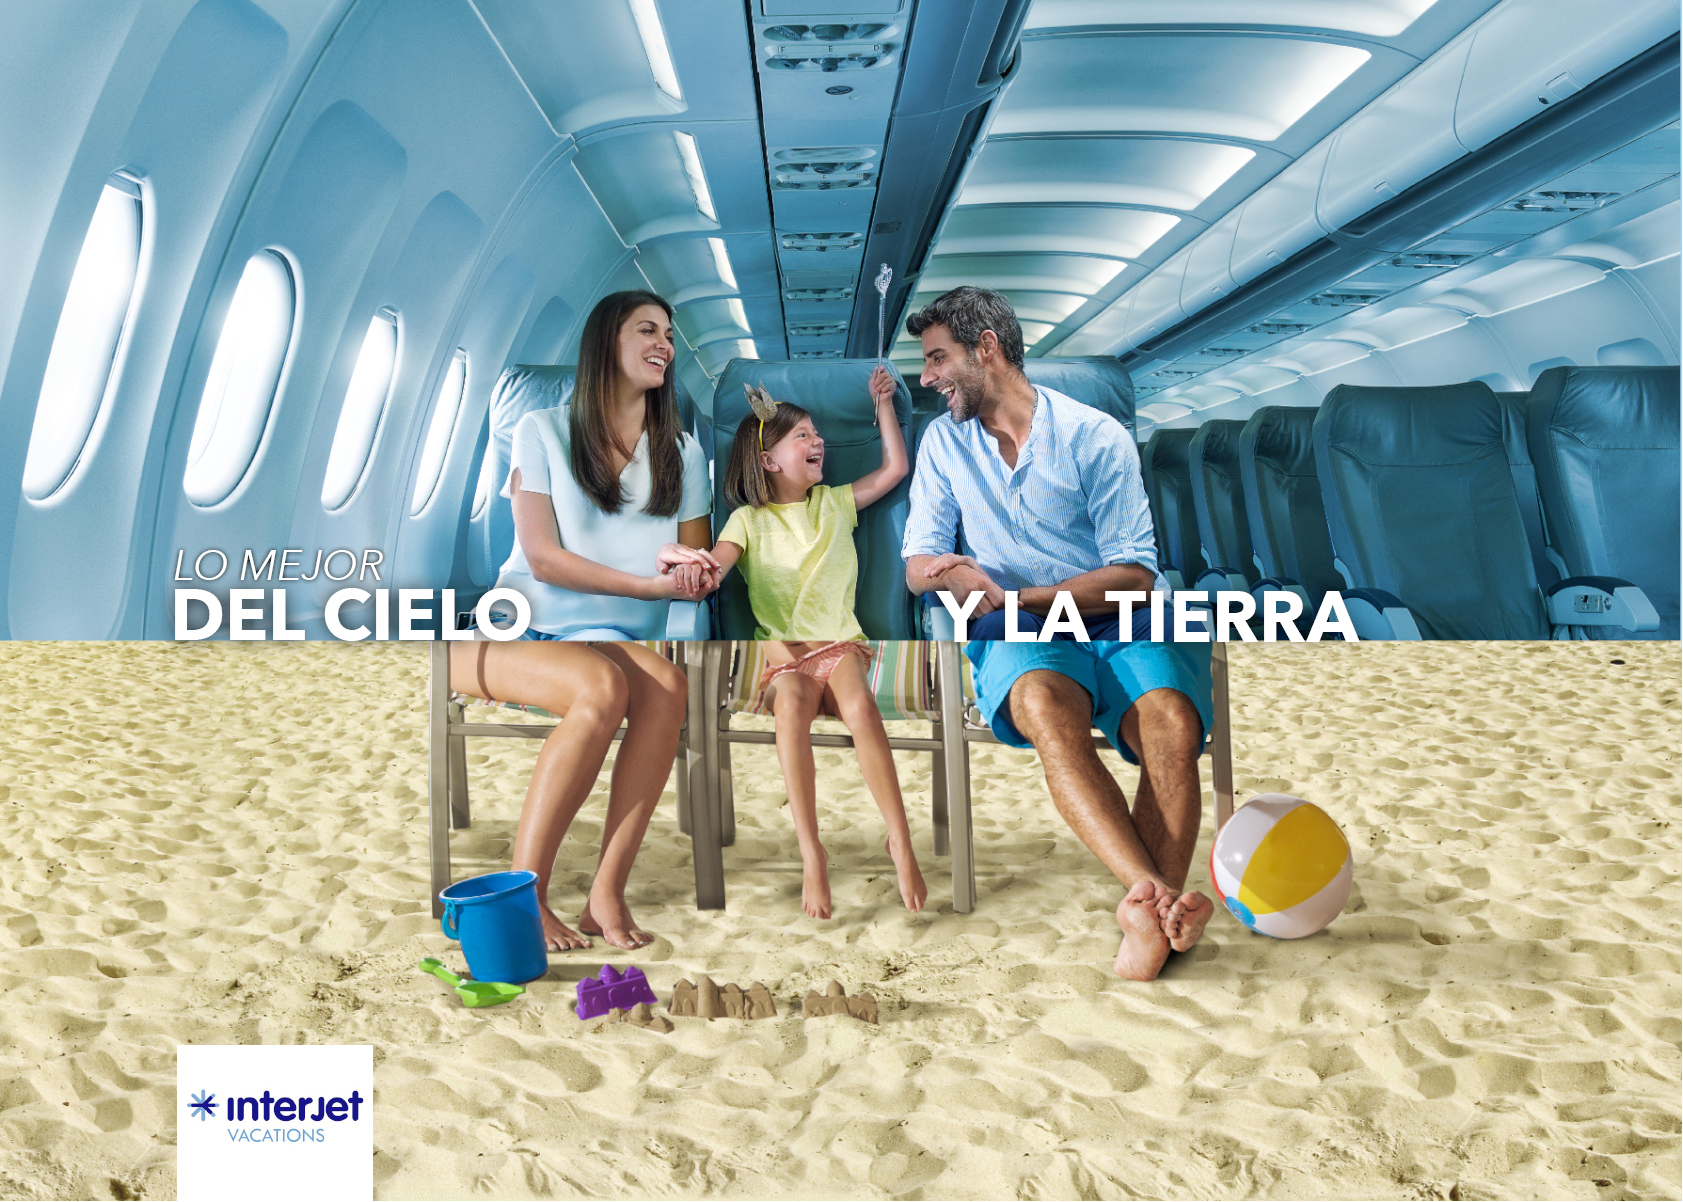 familia_interjet.jpg